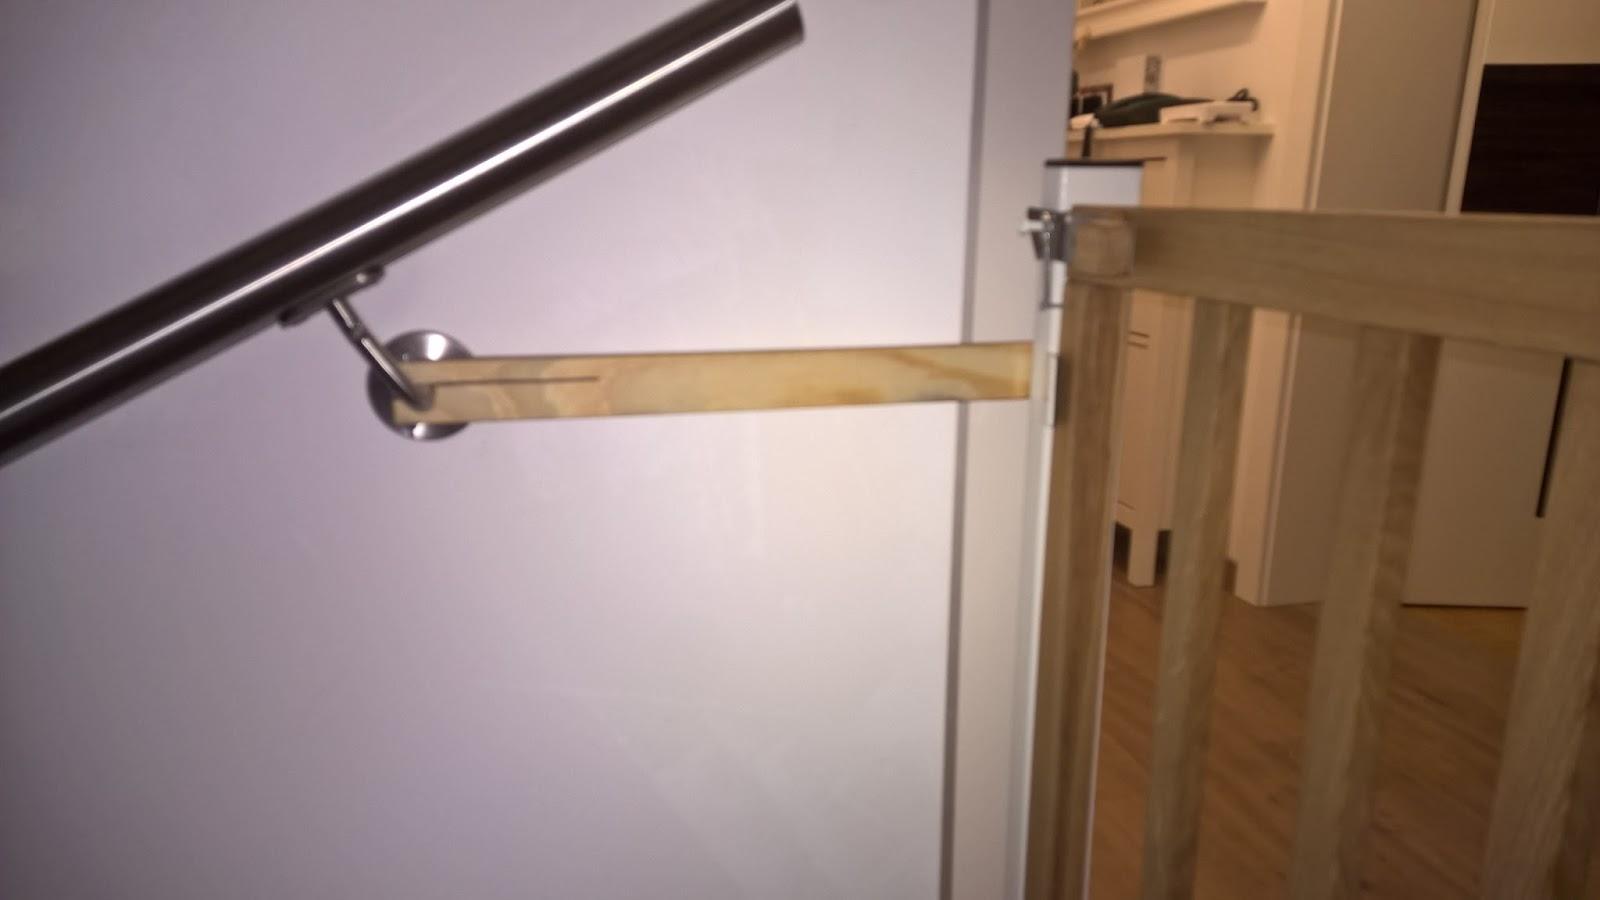 holz und metall ein heimwerkerblog treppenschutzgitter teil 3 funktion. Black Bedroom Furniture Sets. Home Design Ideas